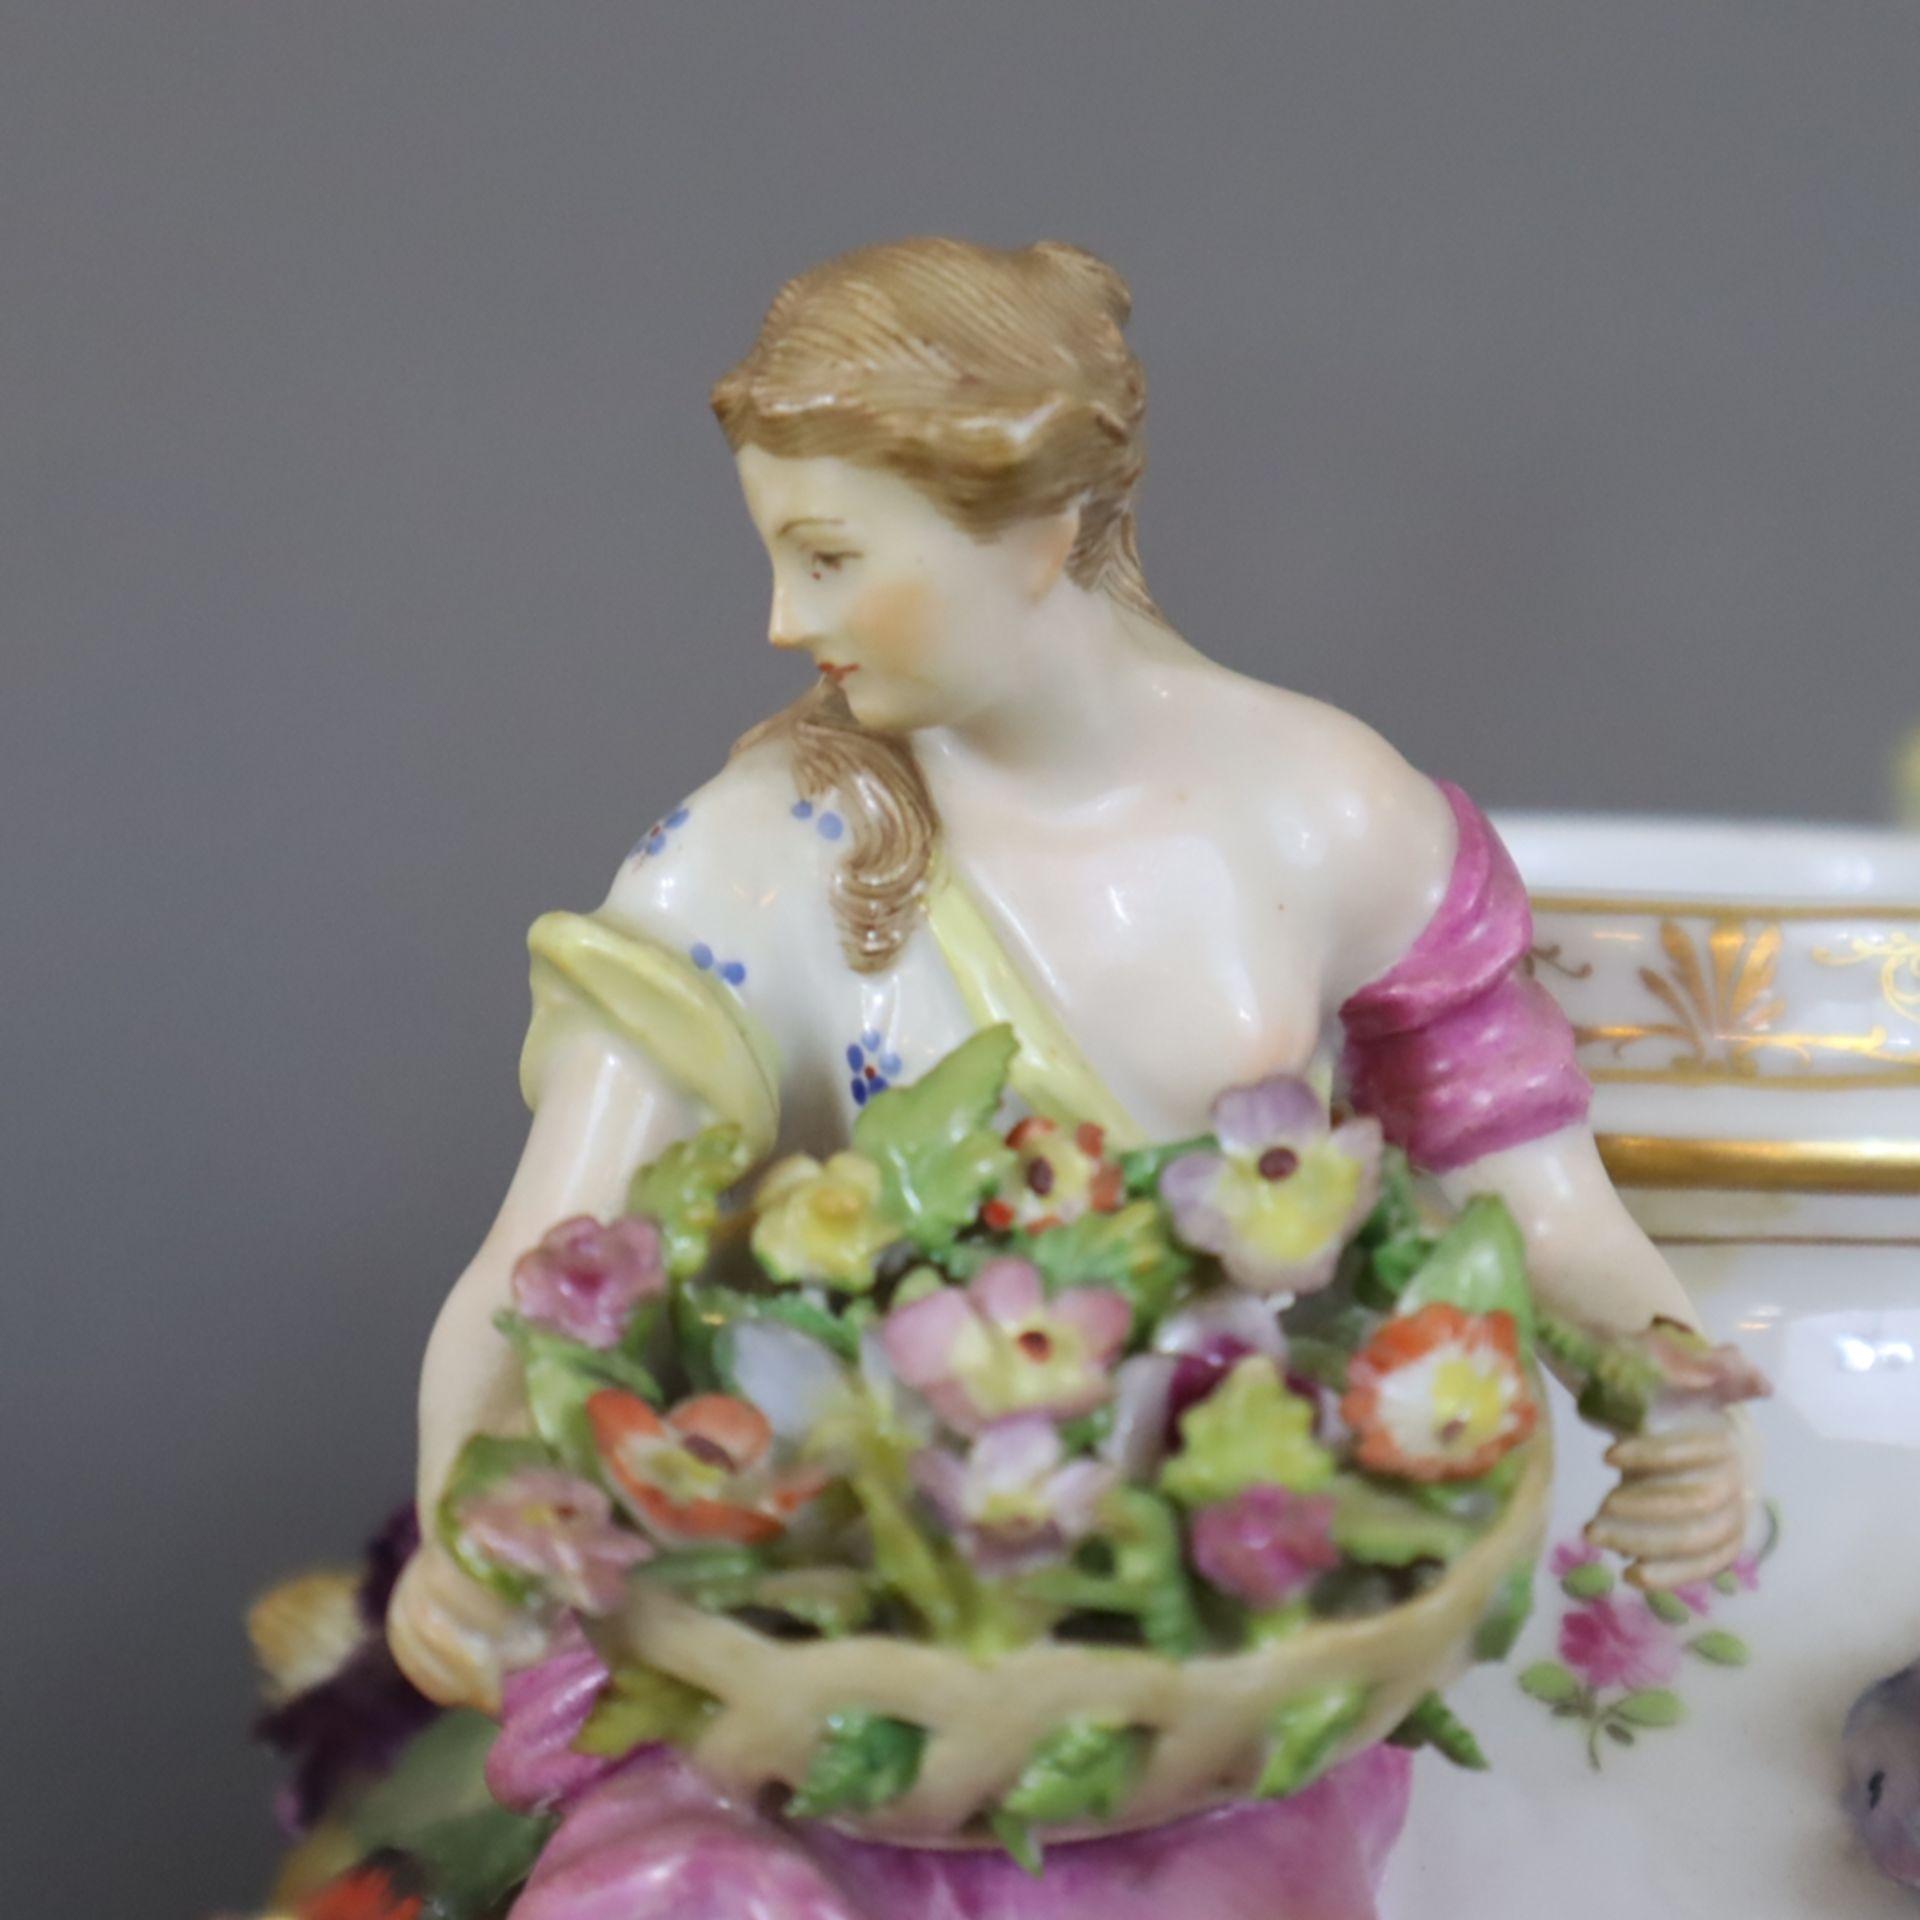 Paar prunkvolle Deckelvasen mit Sockel - Dresden/Potschappel, Marke ab 1901, Porzellan, reliefiert, - Image 11 of 22